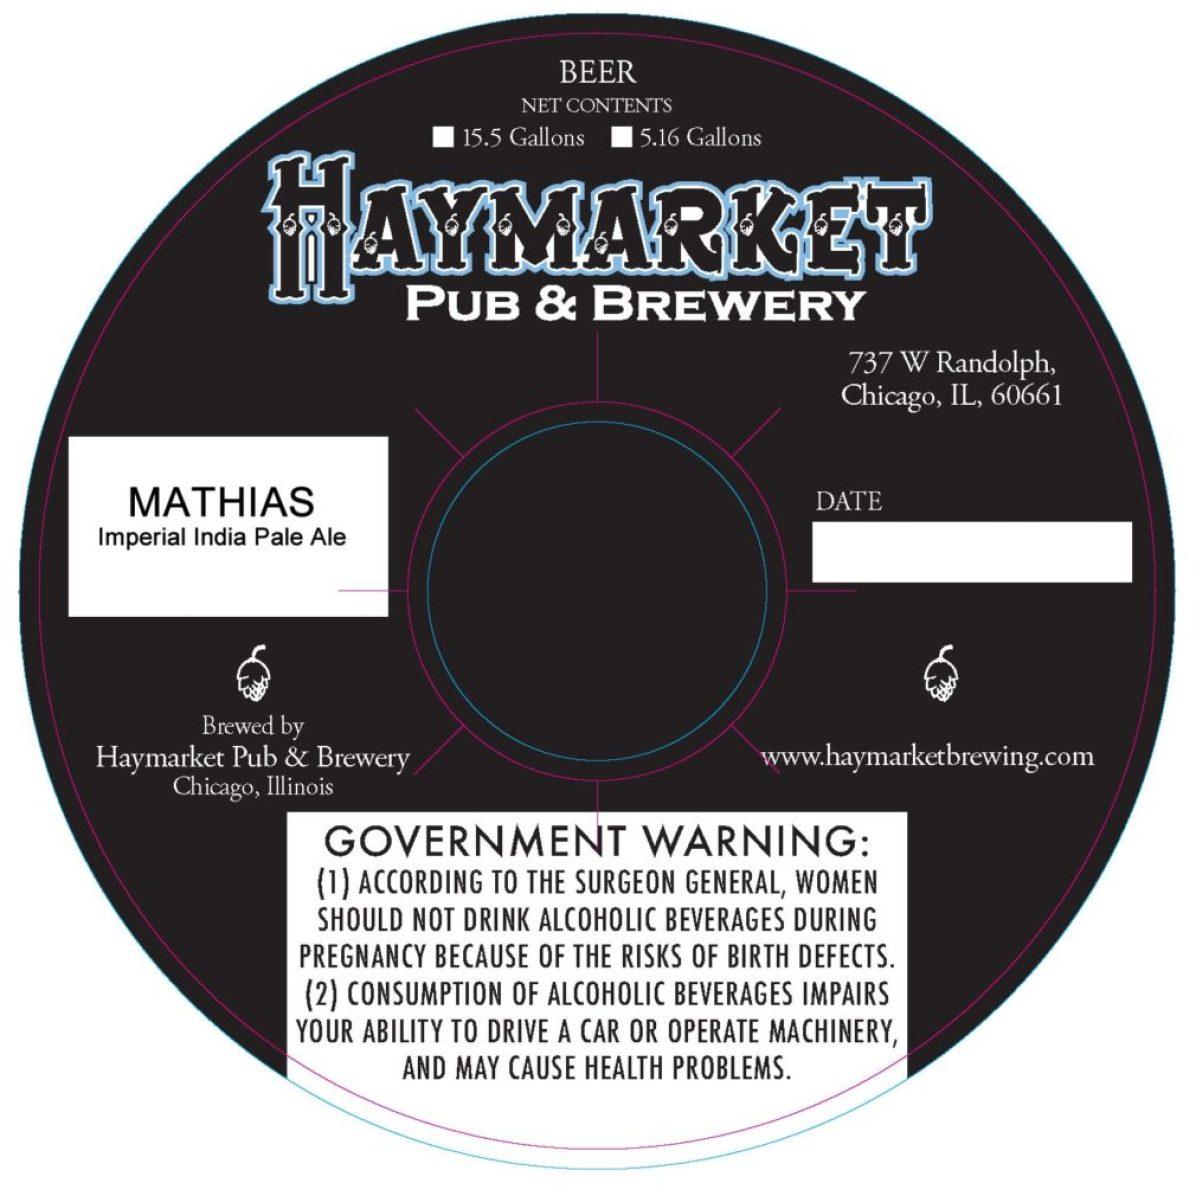 Haymarket Mathias Imperial India Pale Ale